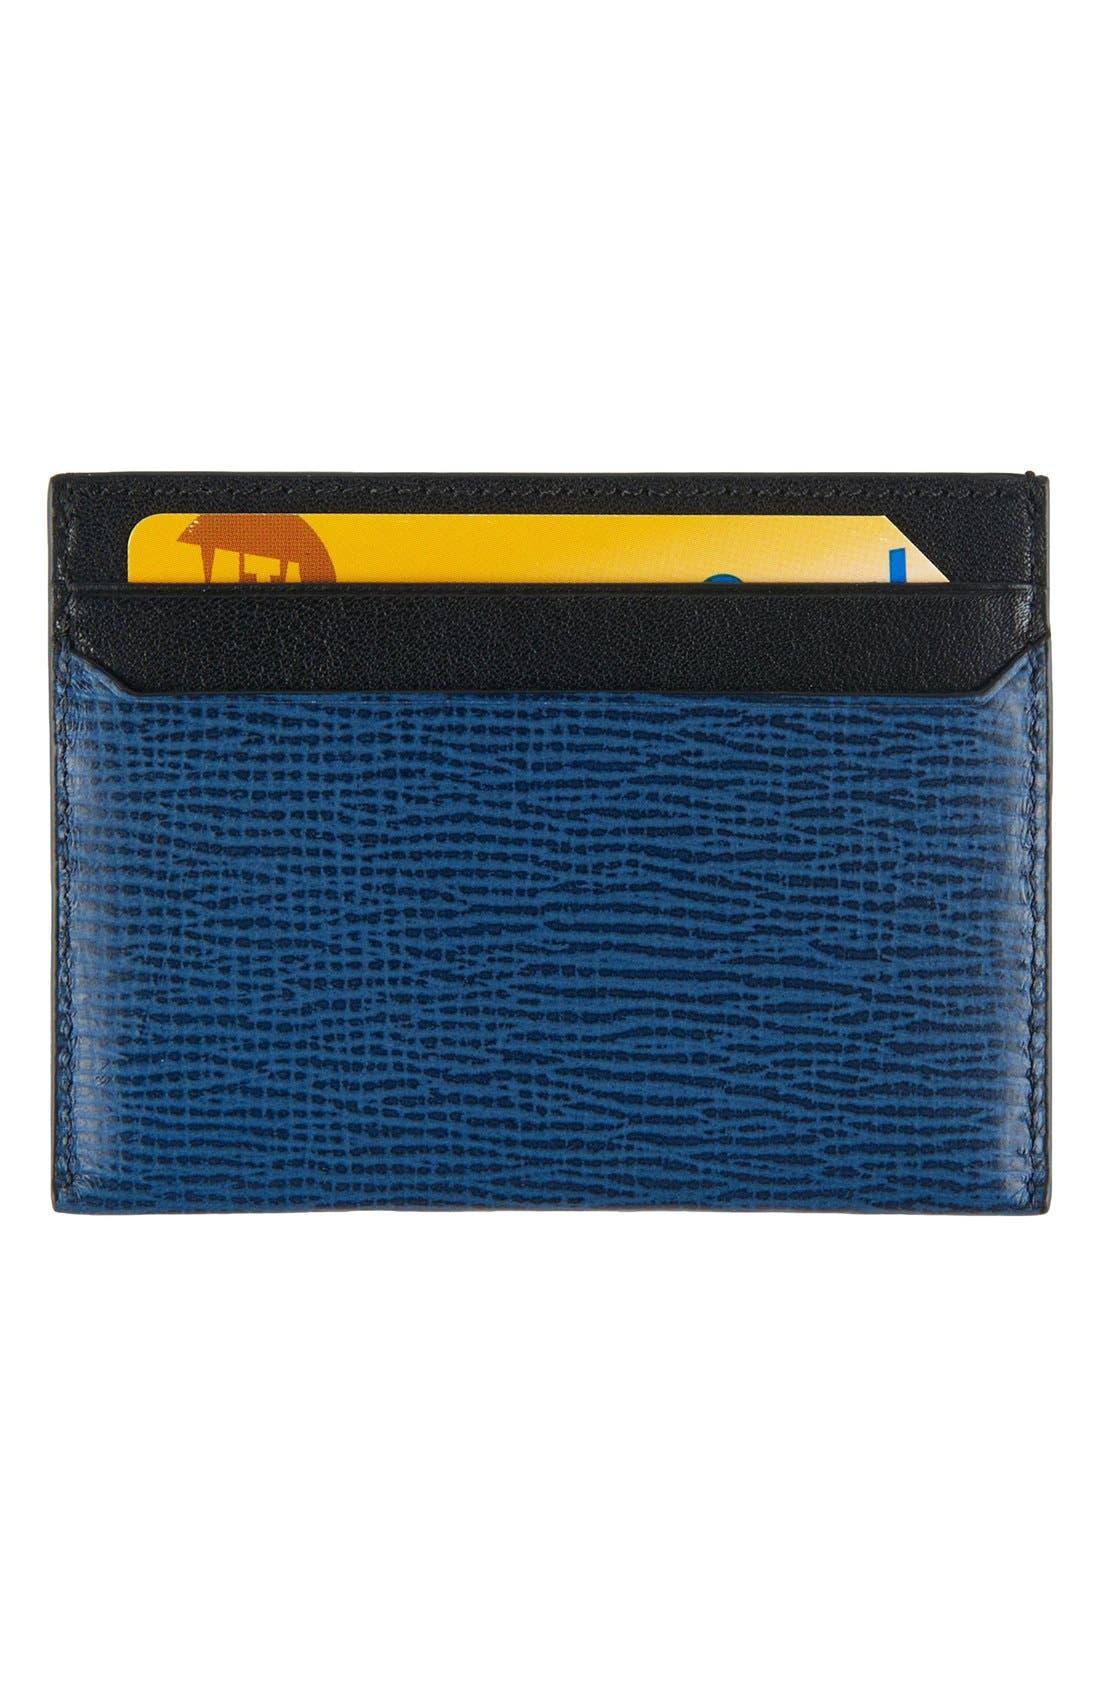 Monaco Slim Leather Card Case,                             Alternate thumbnail 2, color,                             COBALT